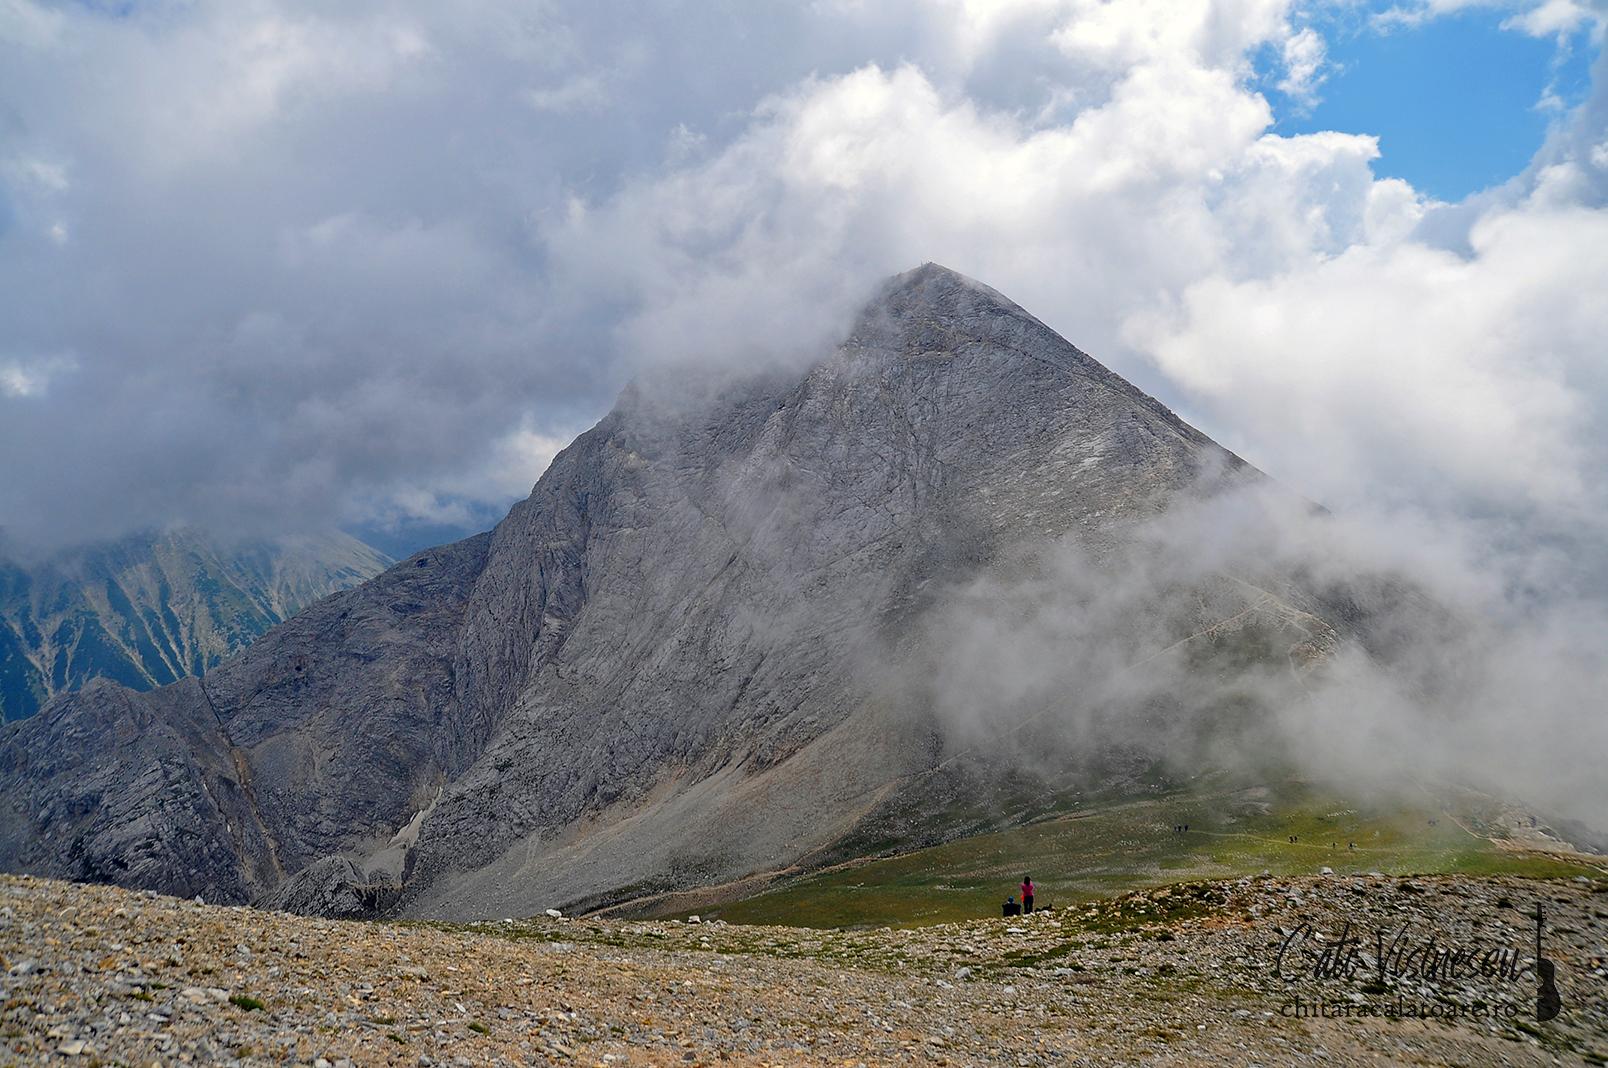 Munții Pirin, Bulgaria: Vârfurile Vihren, Kutelo 1 și Kutelo 2